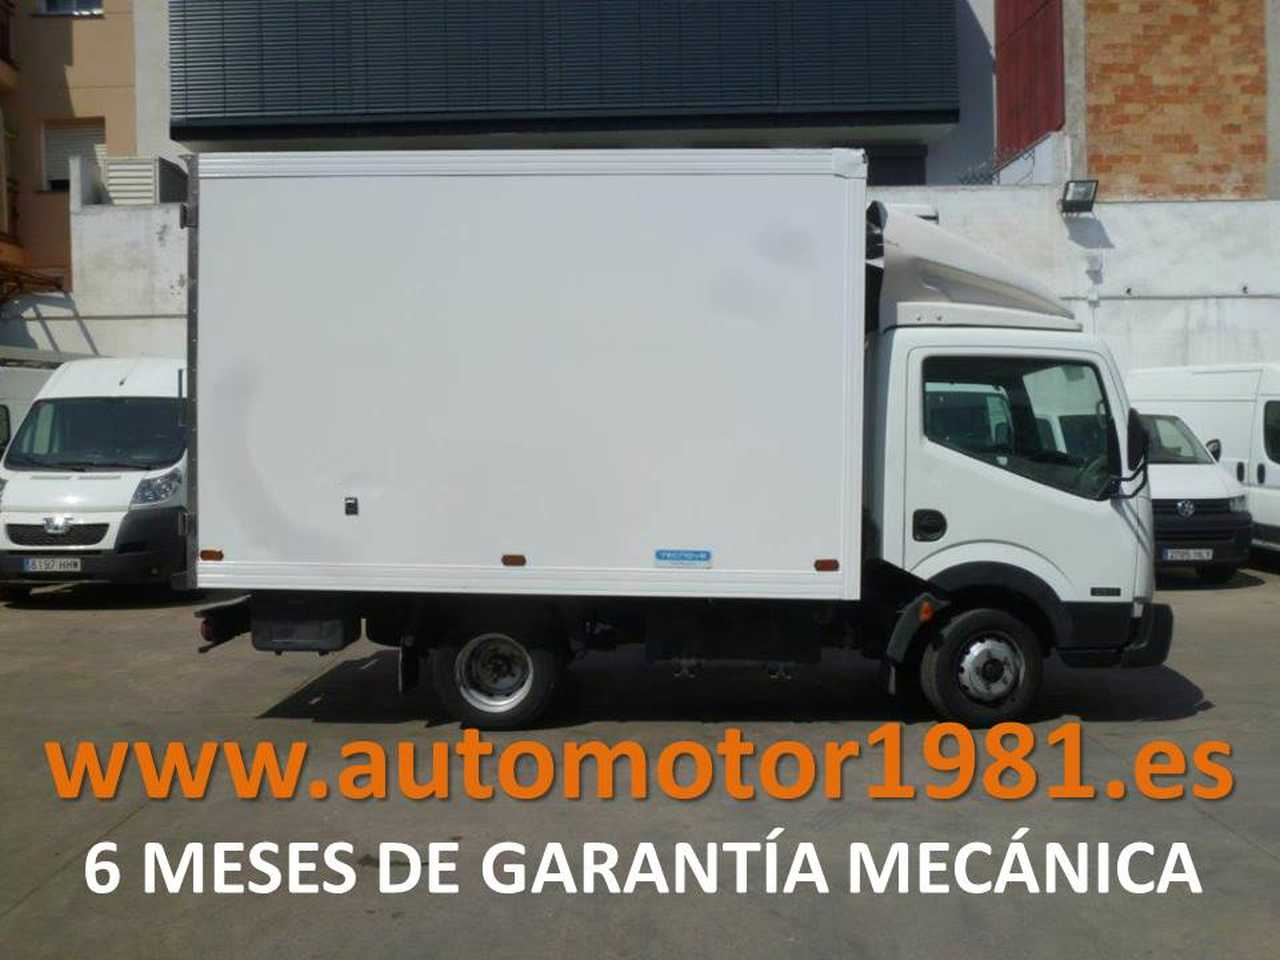 Nissan Cabstar 35.11/2 FRIGORIFICO Cabina Abatible - 6 MESES GARANTIA   - Foto 1